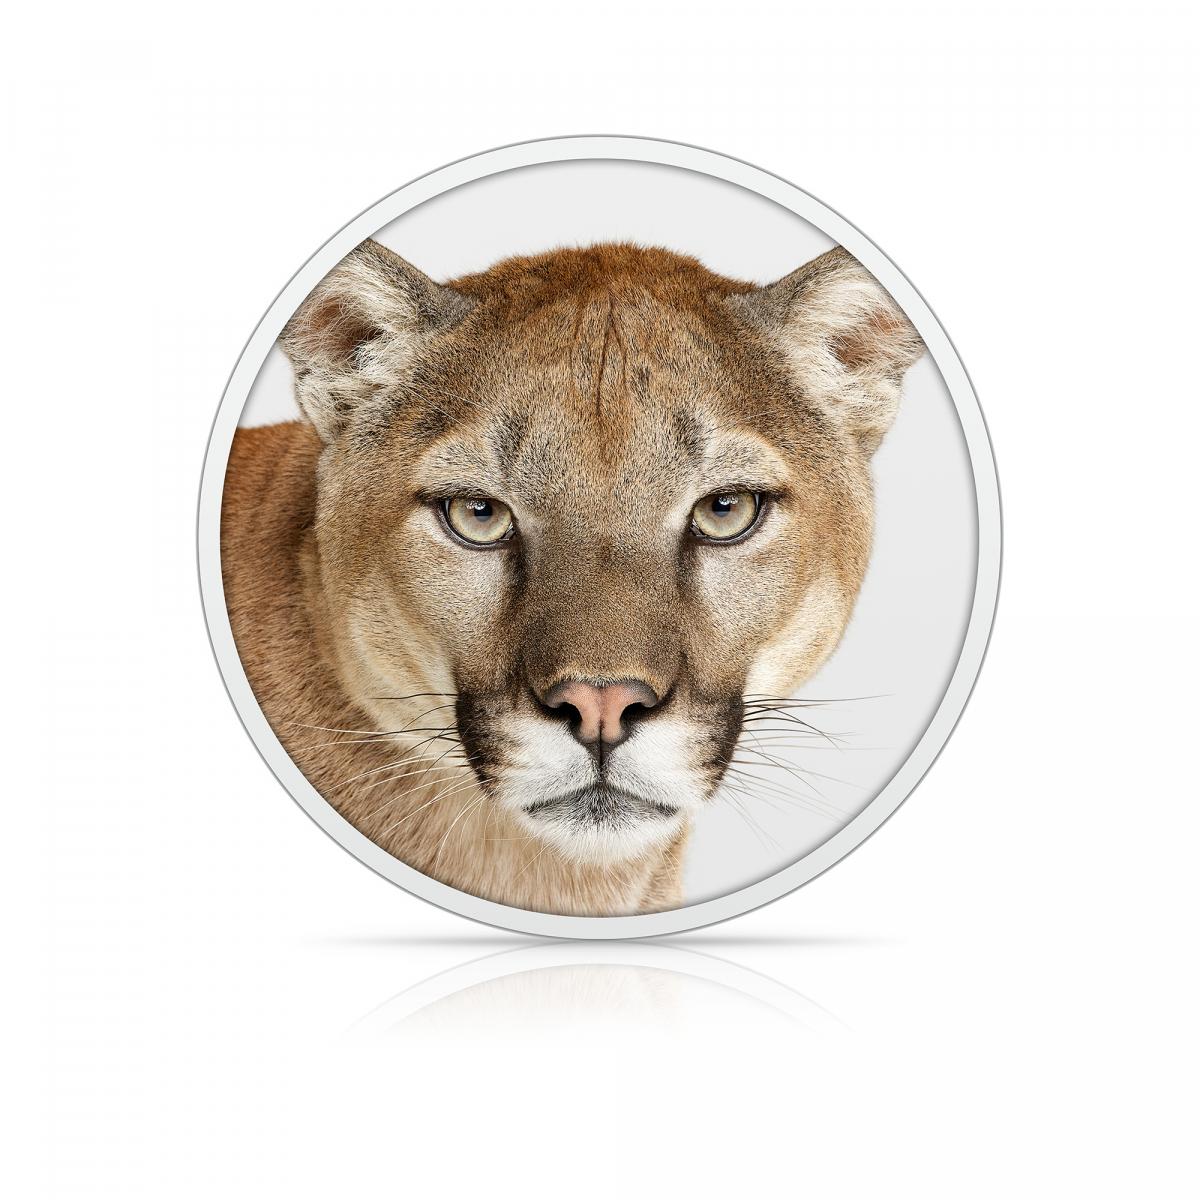 Apple: Uralt-macOS 10.7 Lion und 10.8 Mountain Lion im Gratis-Download